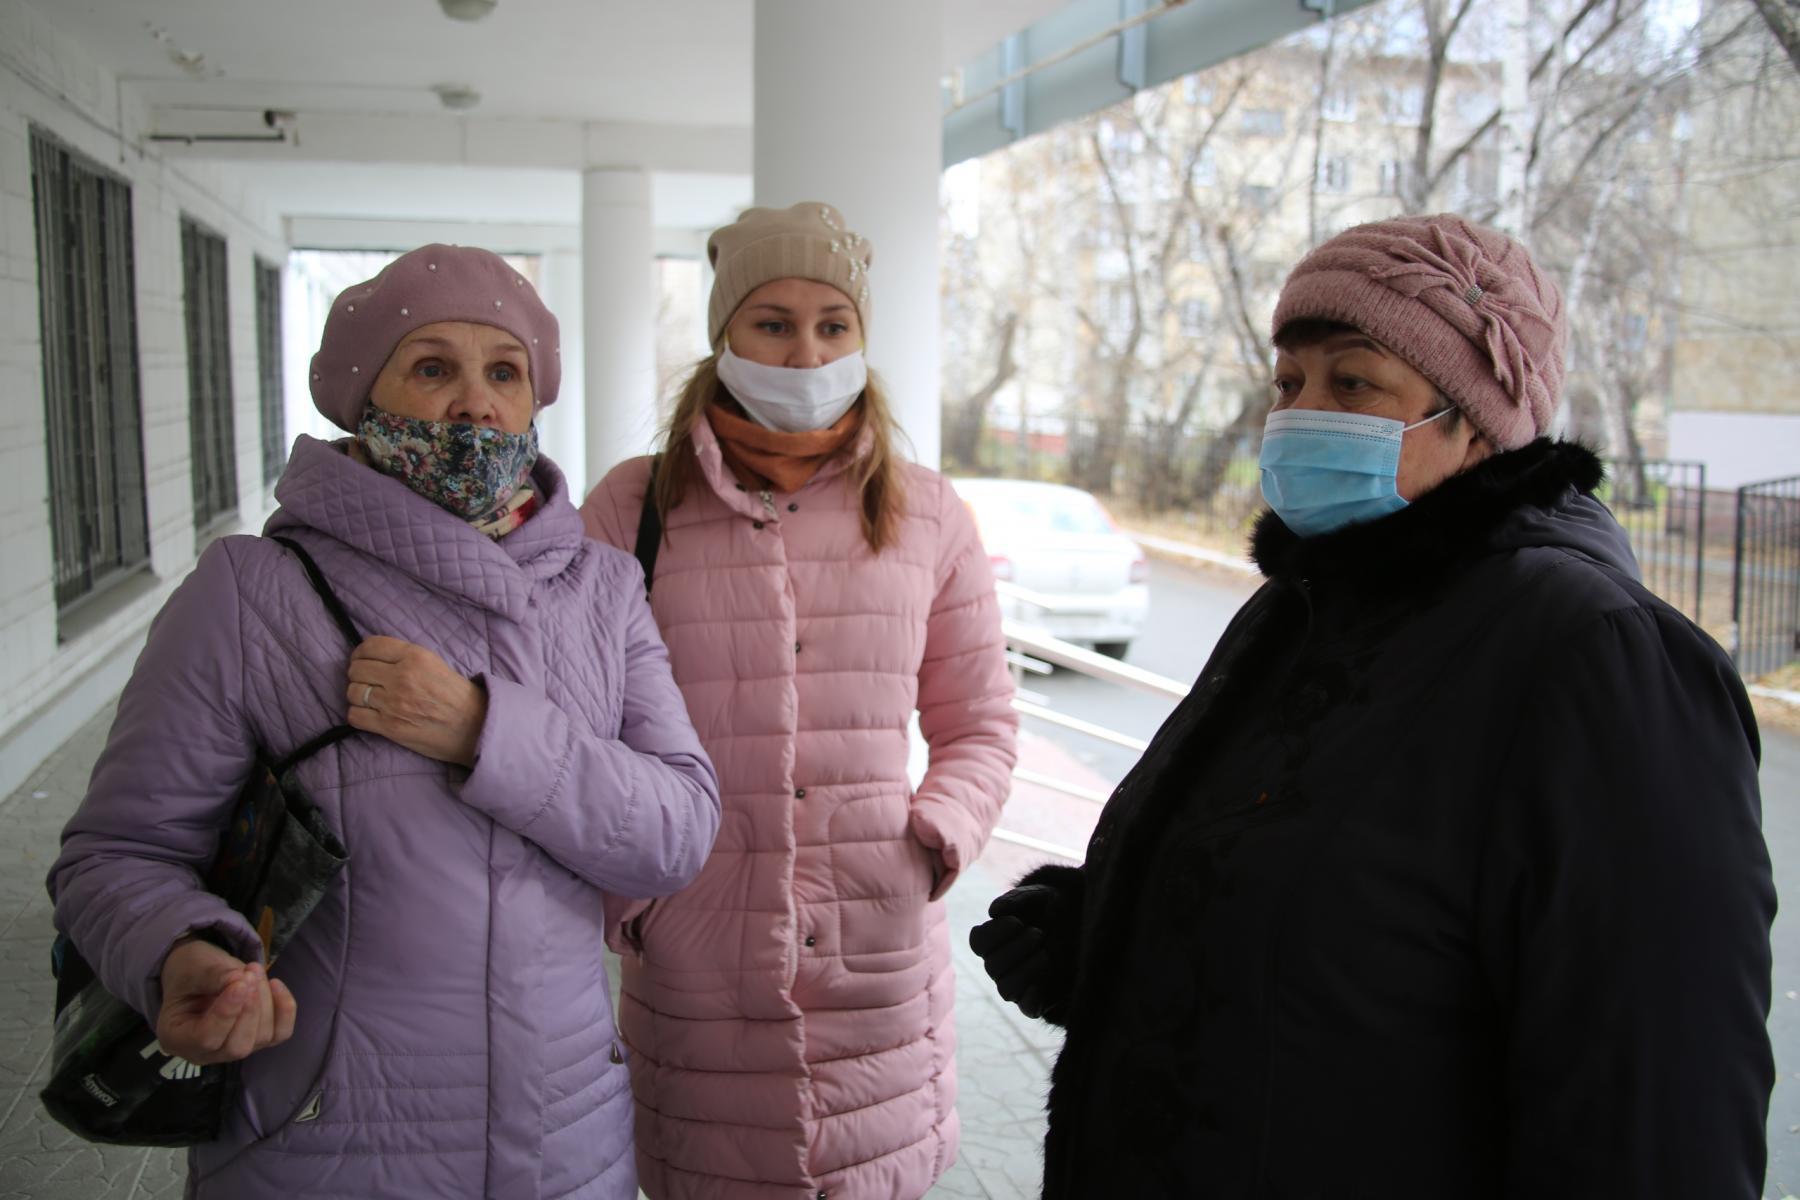 фото «Я не буду ставить на себе эксперименты»: что новосибирцы думают о российской вакцине от коронавируса 7